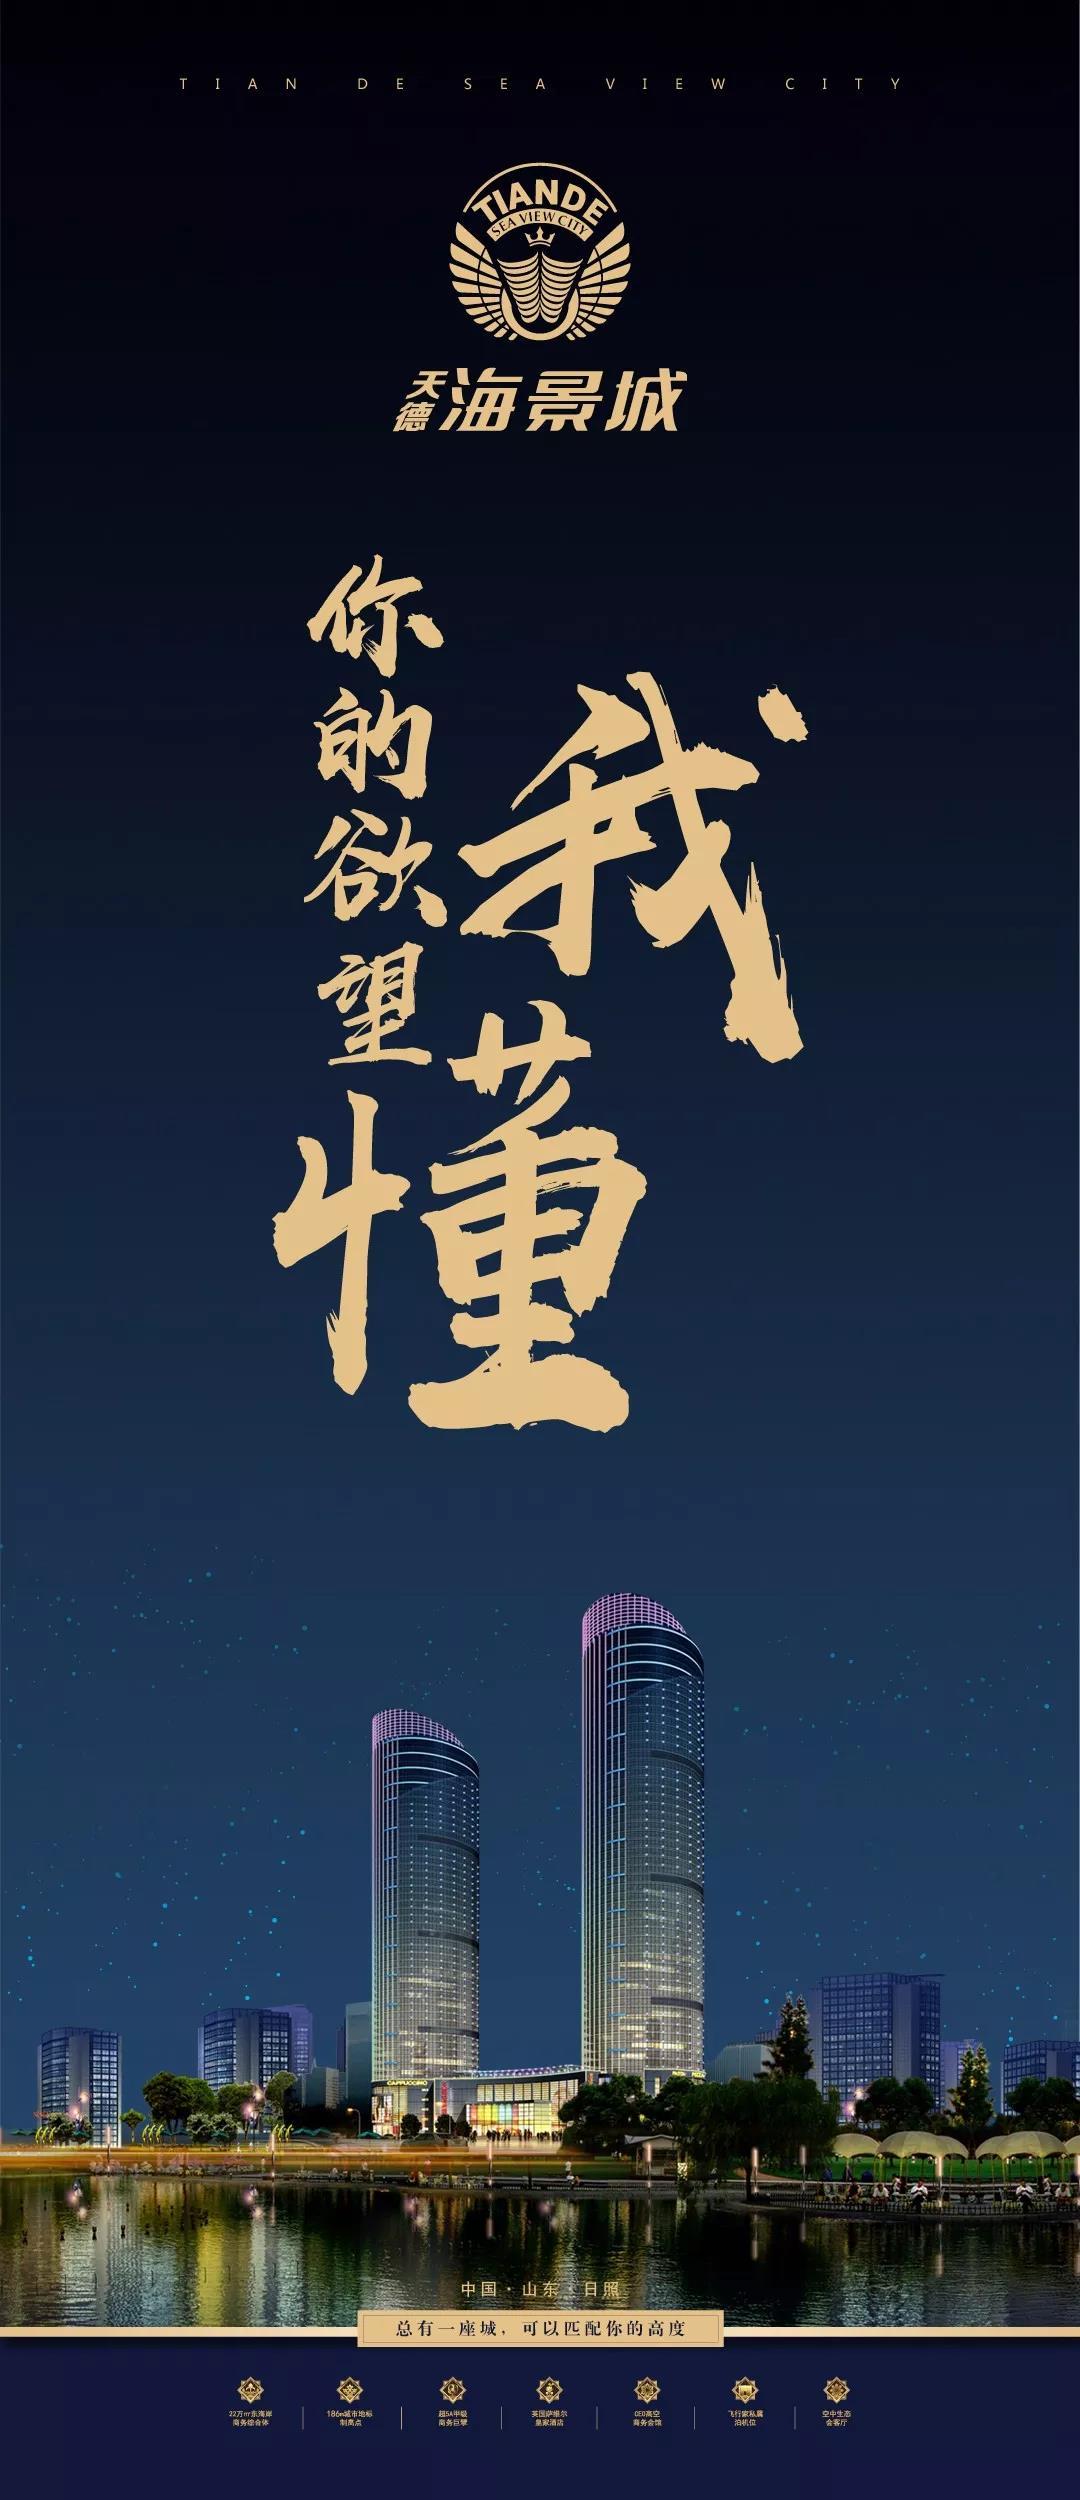 天德海景城 天德·萨维尔皇家酒店商铺盛大招商!